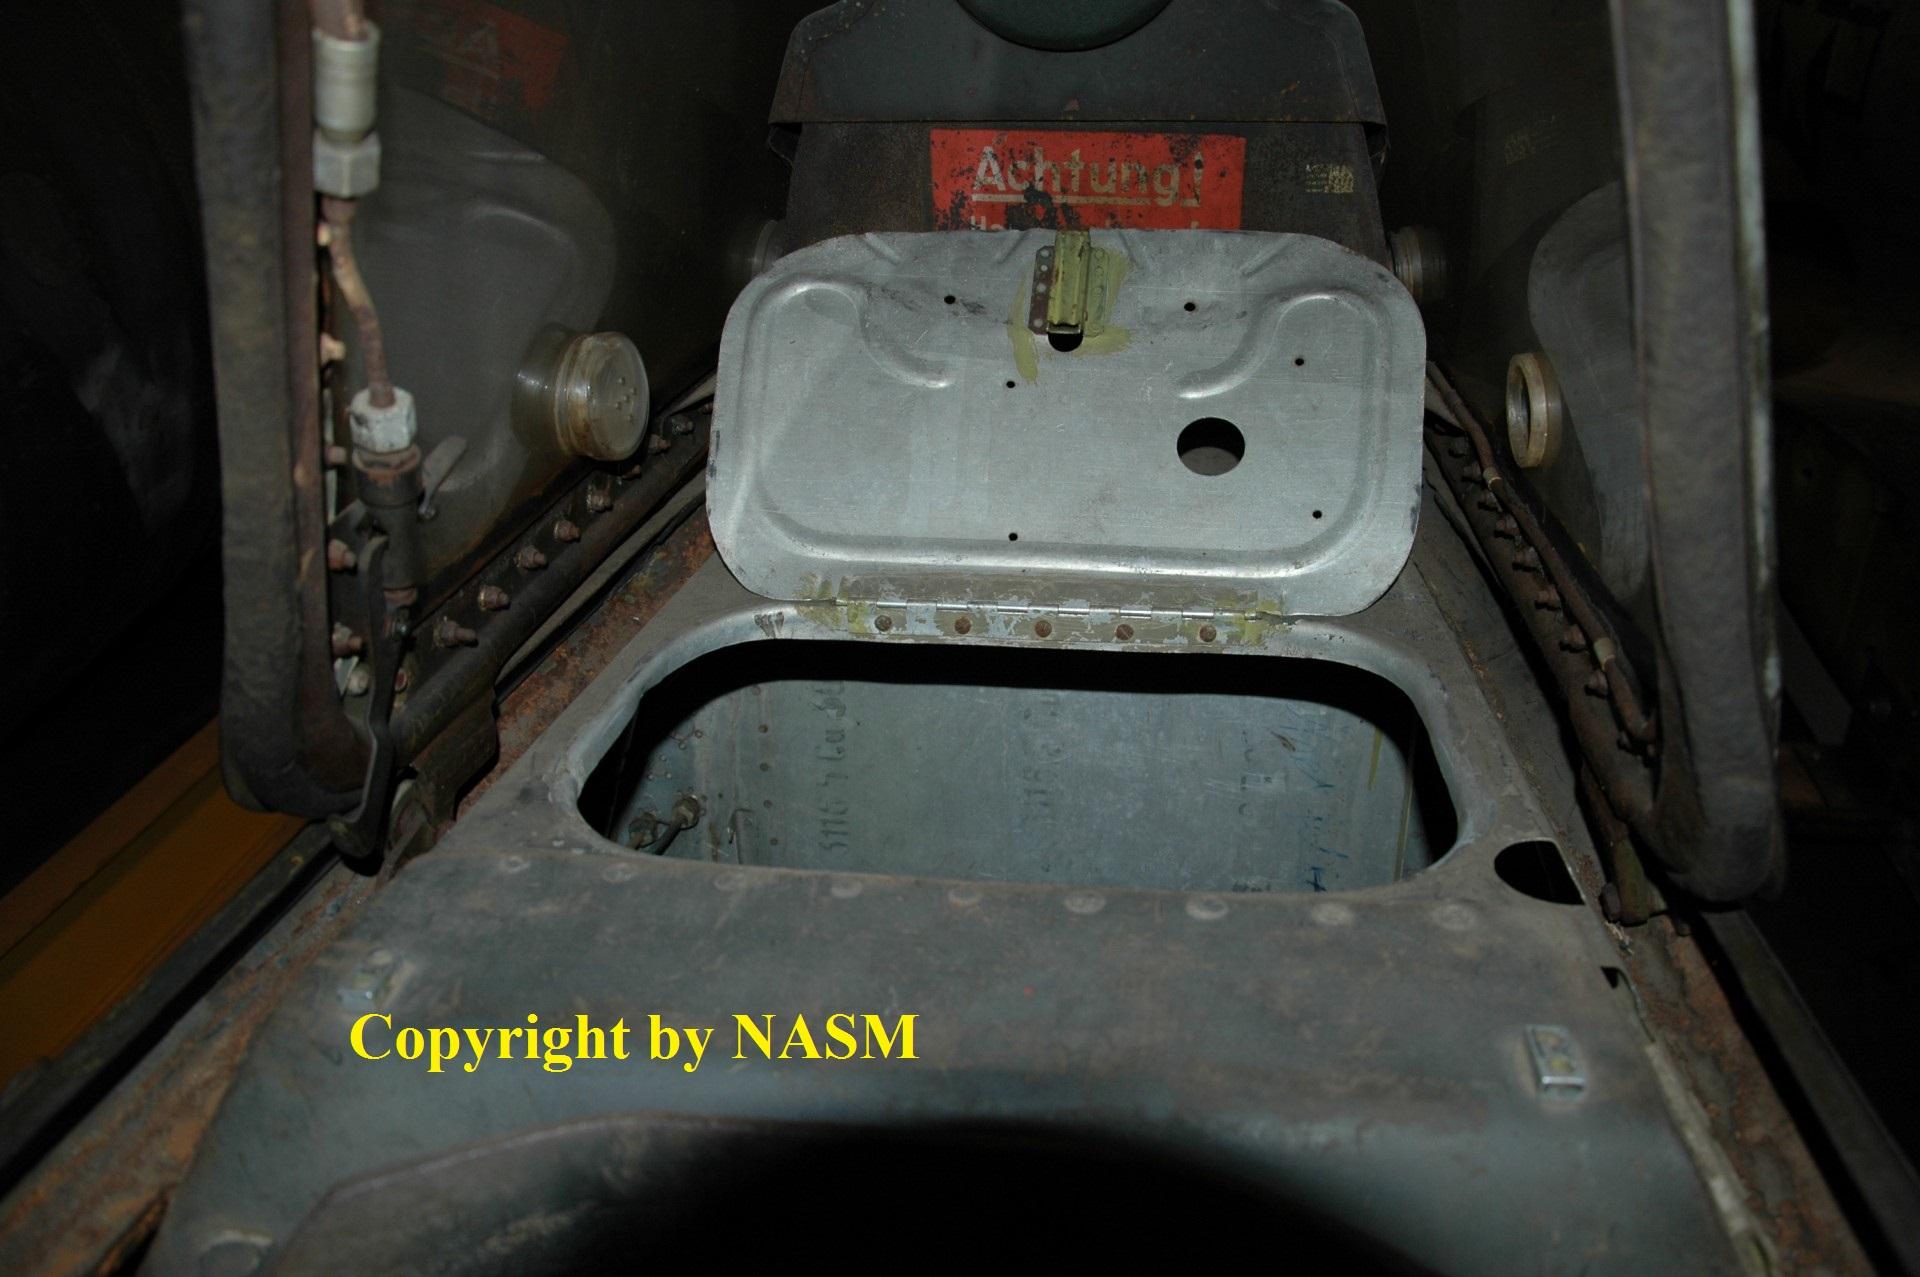 Riegelverschluss-6-FwH-164-29.2-jepg.jpg